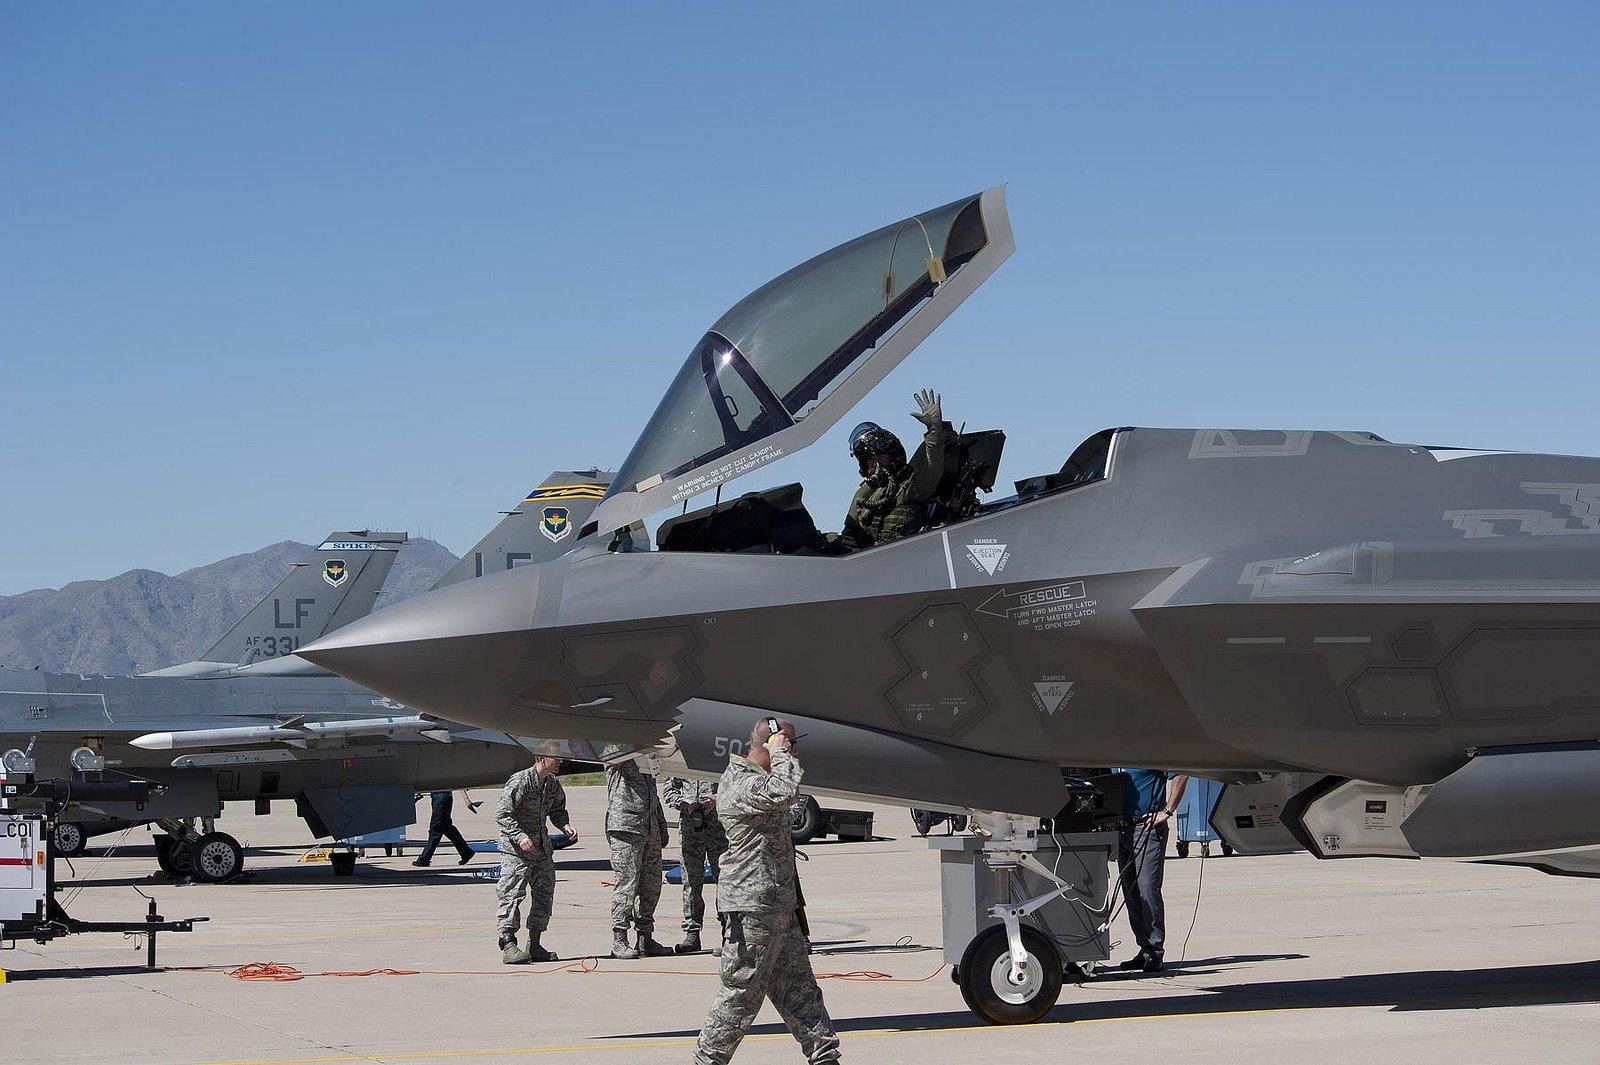 Chiến đấu cơ F-35. Ảnh: Flickr